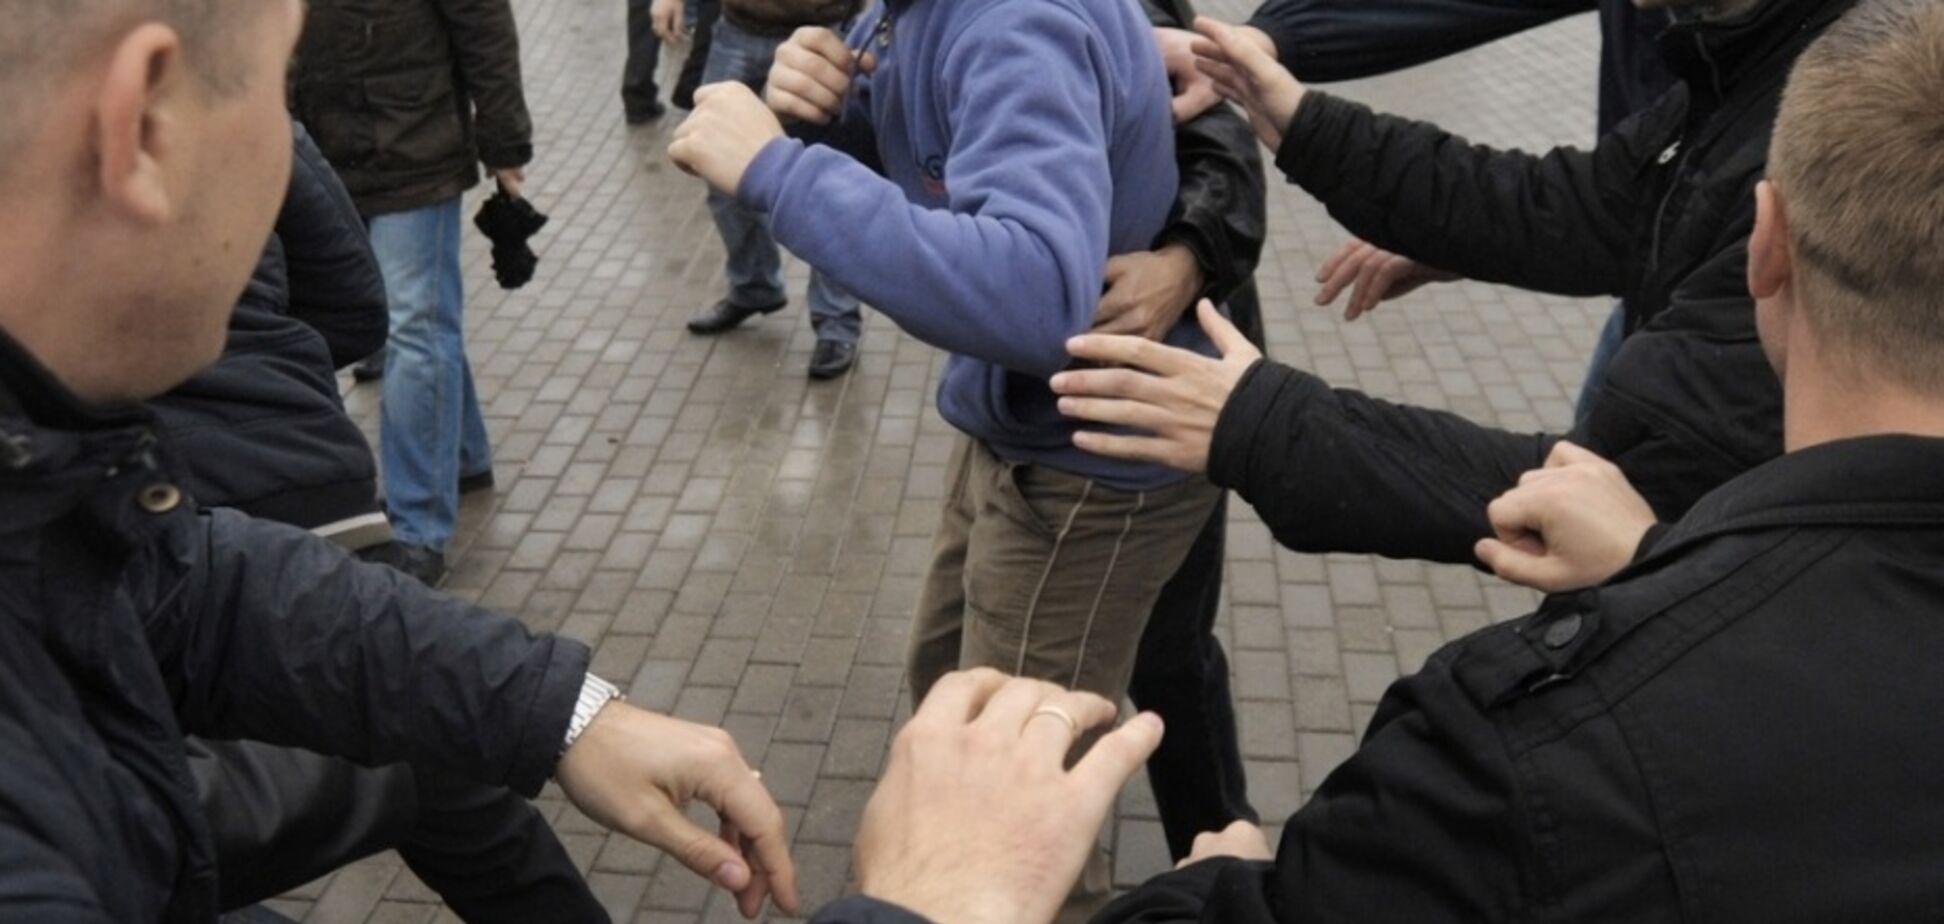 У Дніпрі сталася масова бійка з пострілами: є постраждалі. Фото й відео